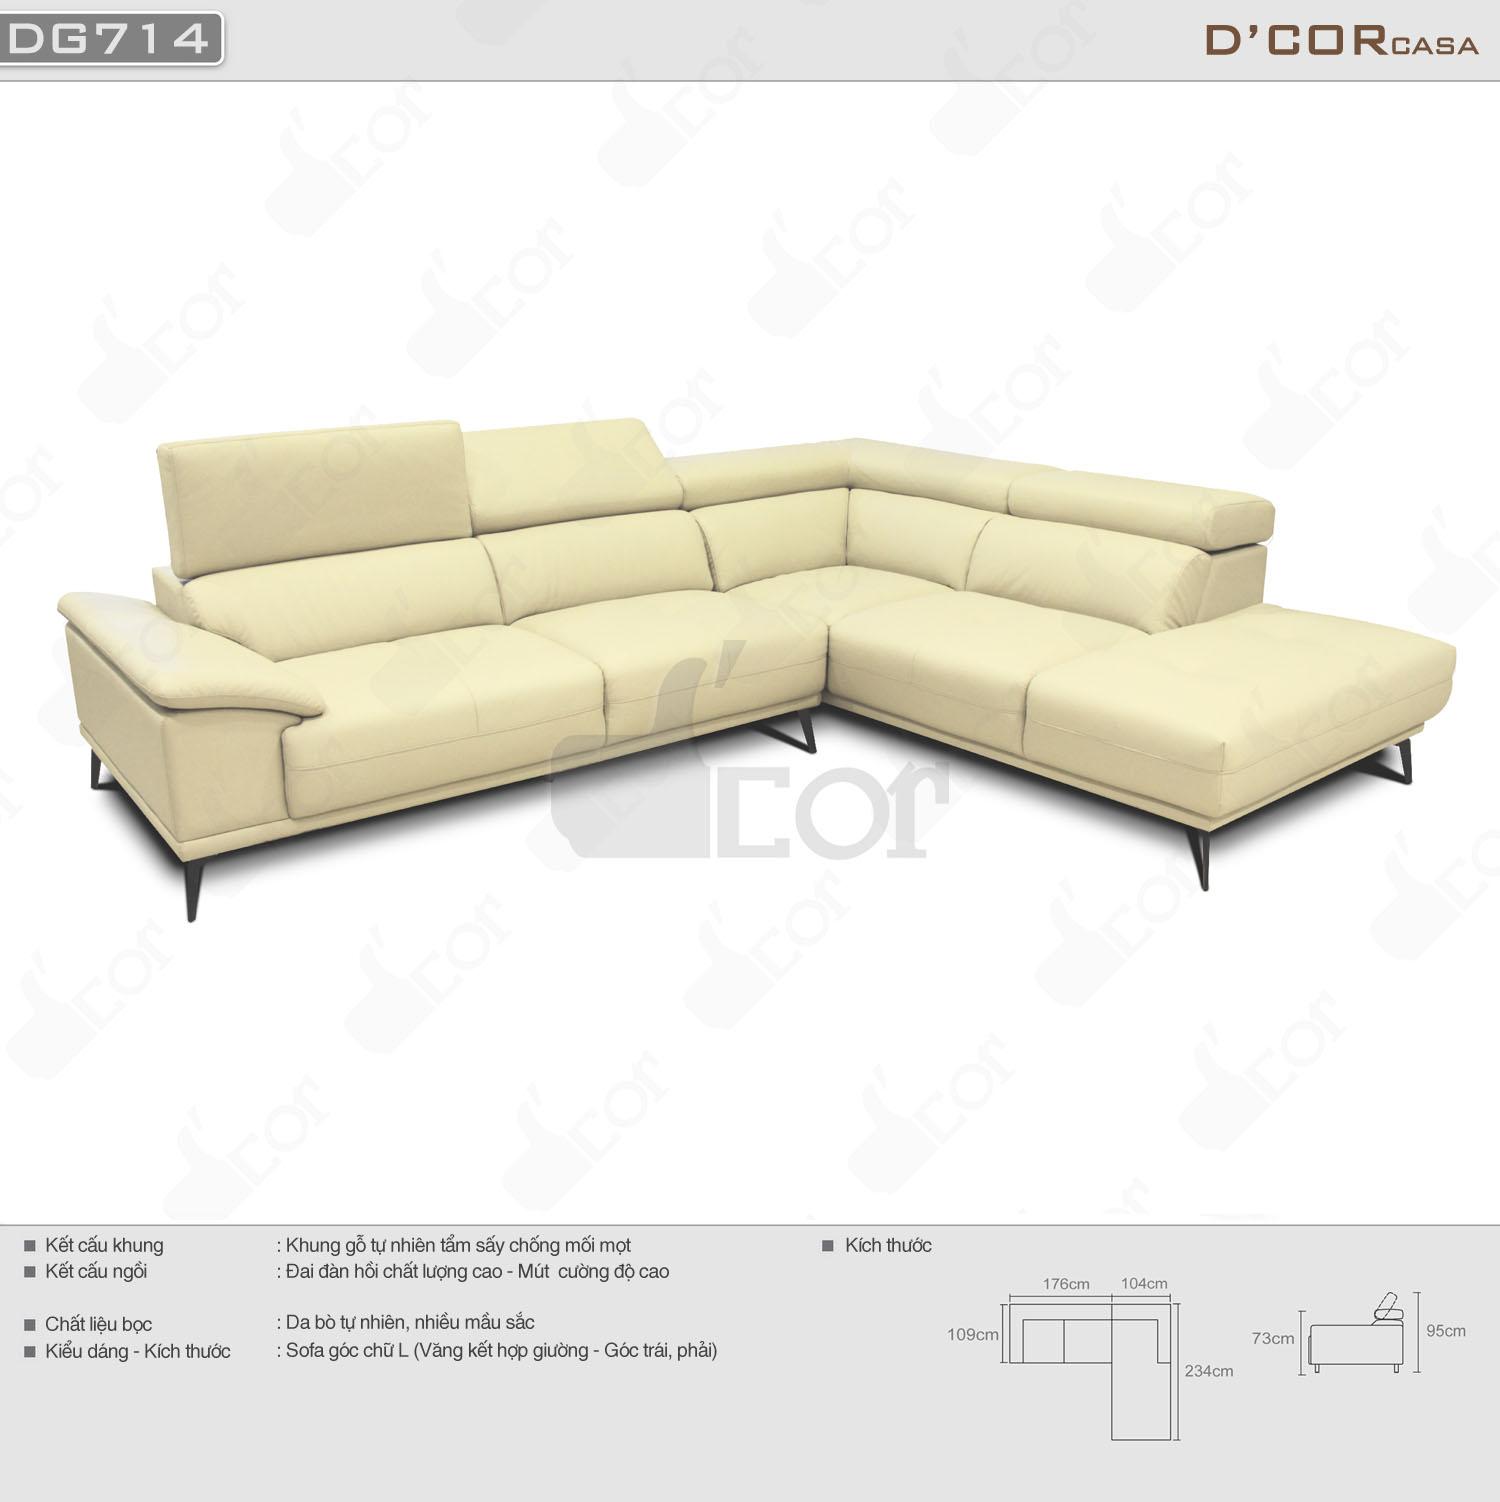 Sofa góc L da thật DG714 nhập khẩu Malaysia mang lại vẻ đẹp hiện đại